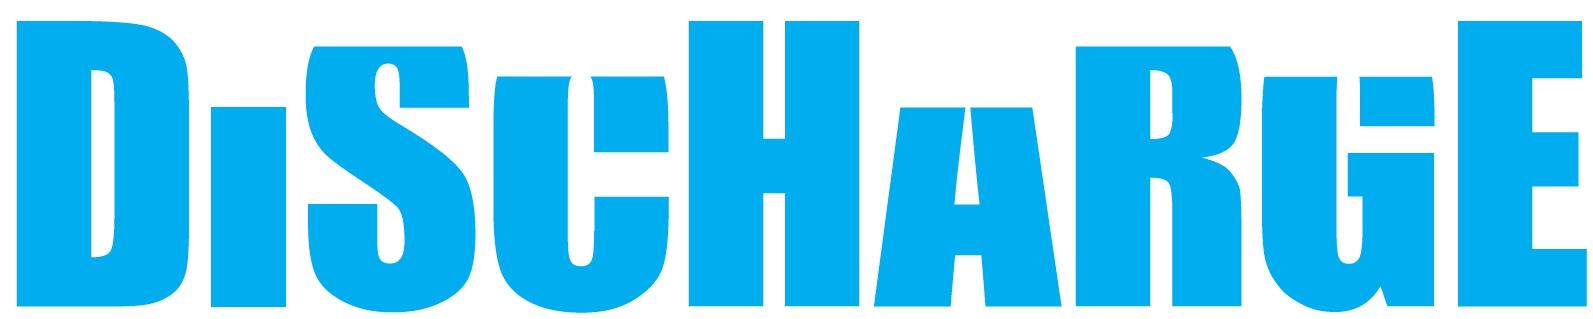 Logo Photrack